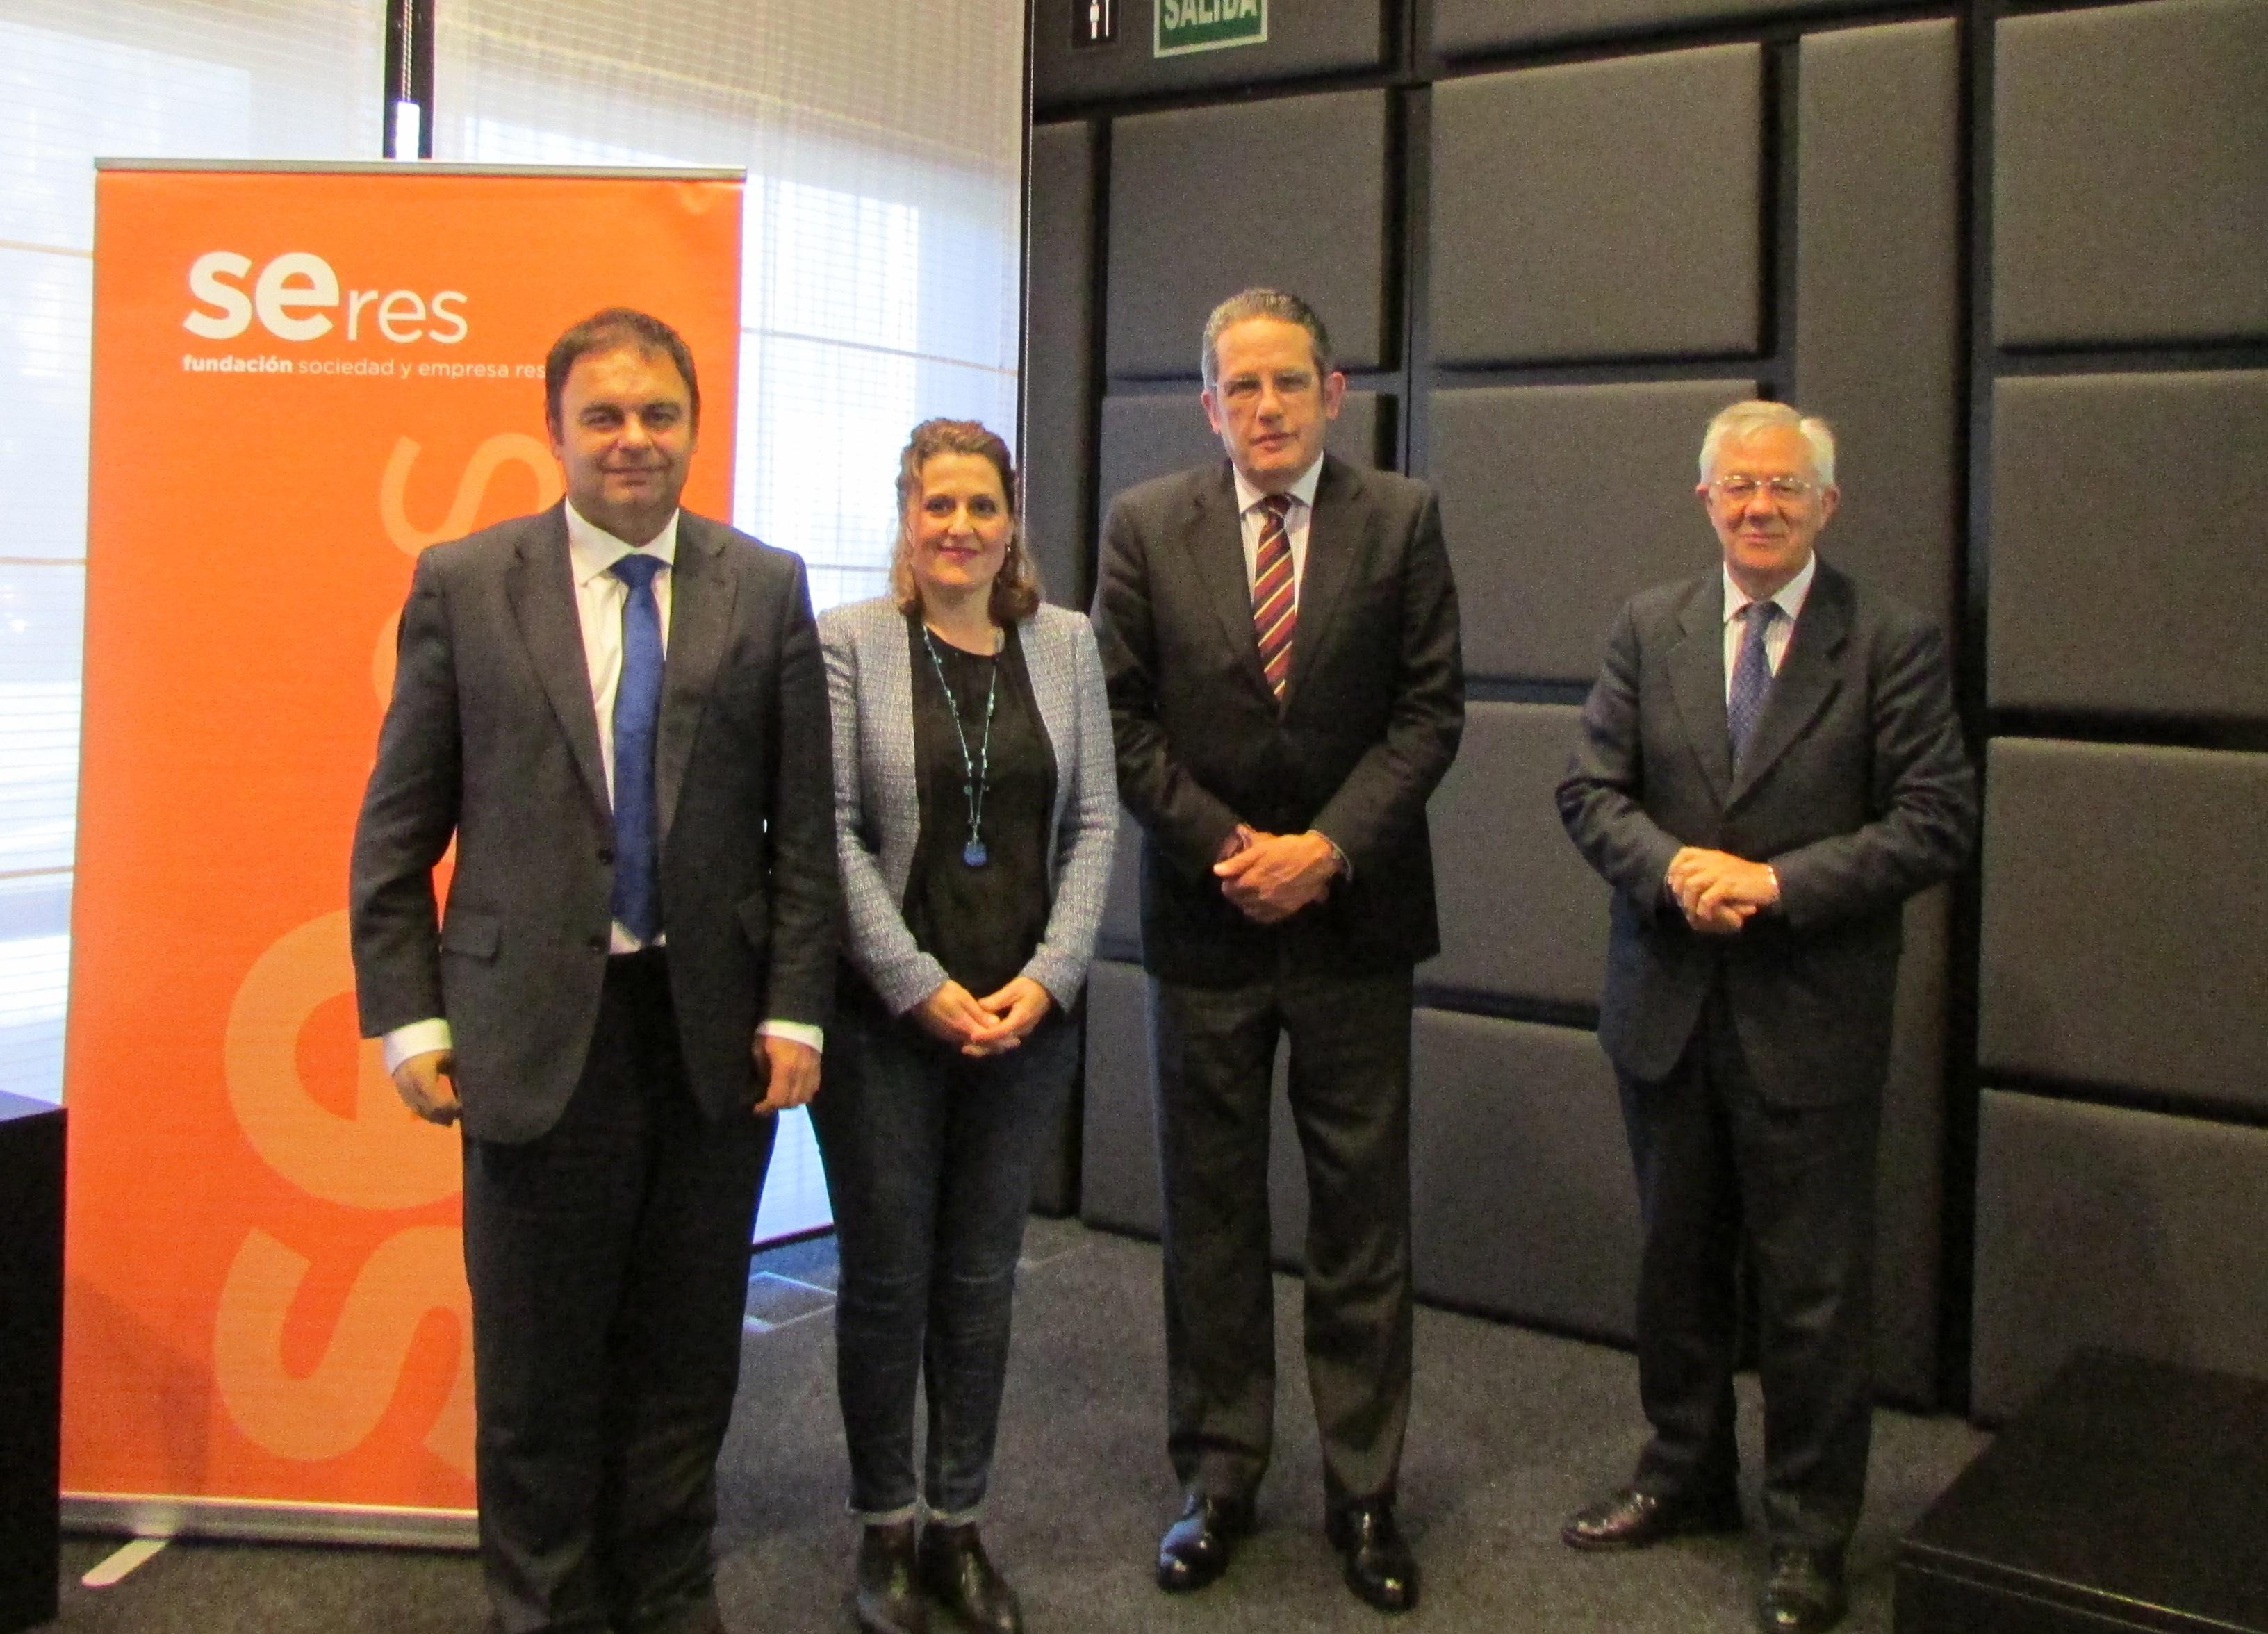 Fundación SERES y Plataforma del Voluntariado de España celebran una jornada formativa sobre el nuevo marco legal del voluntariado